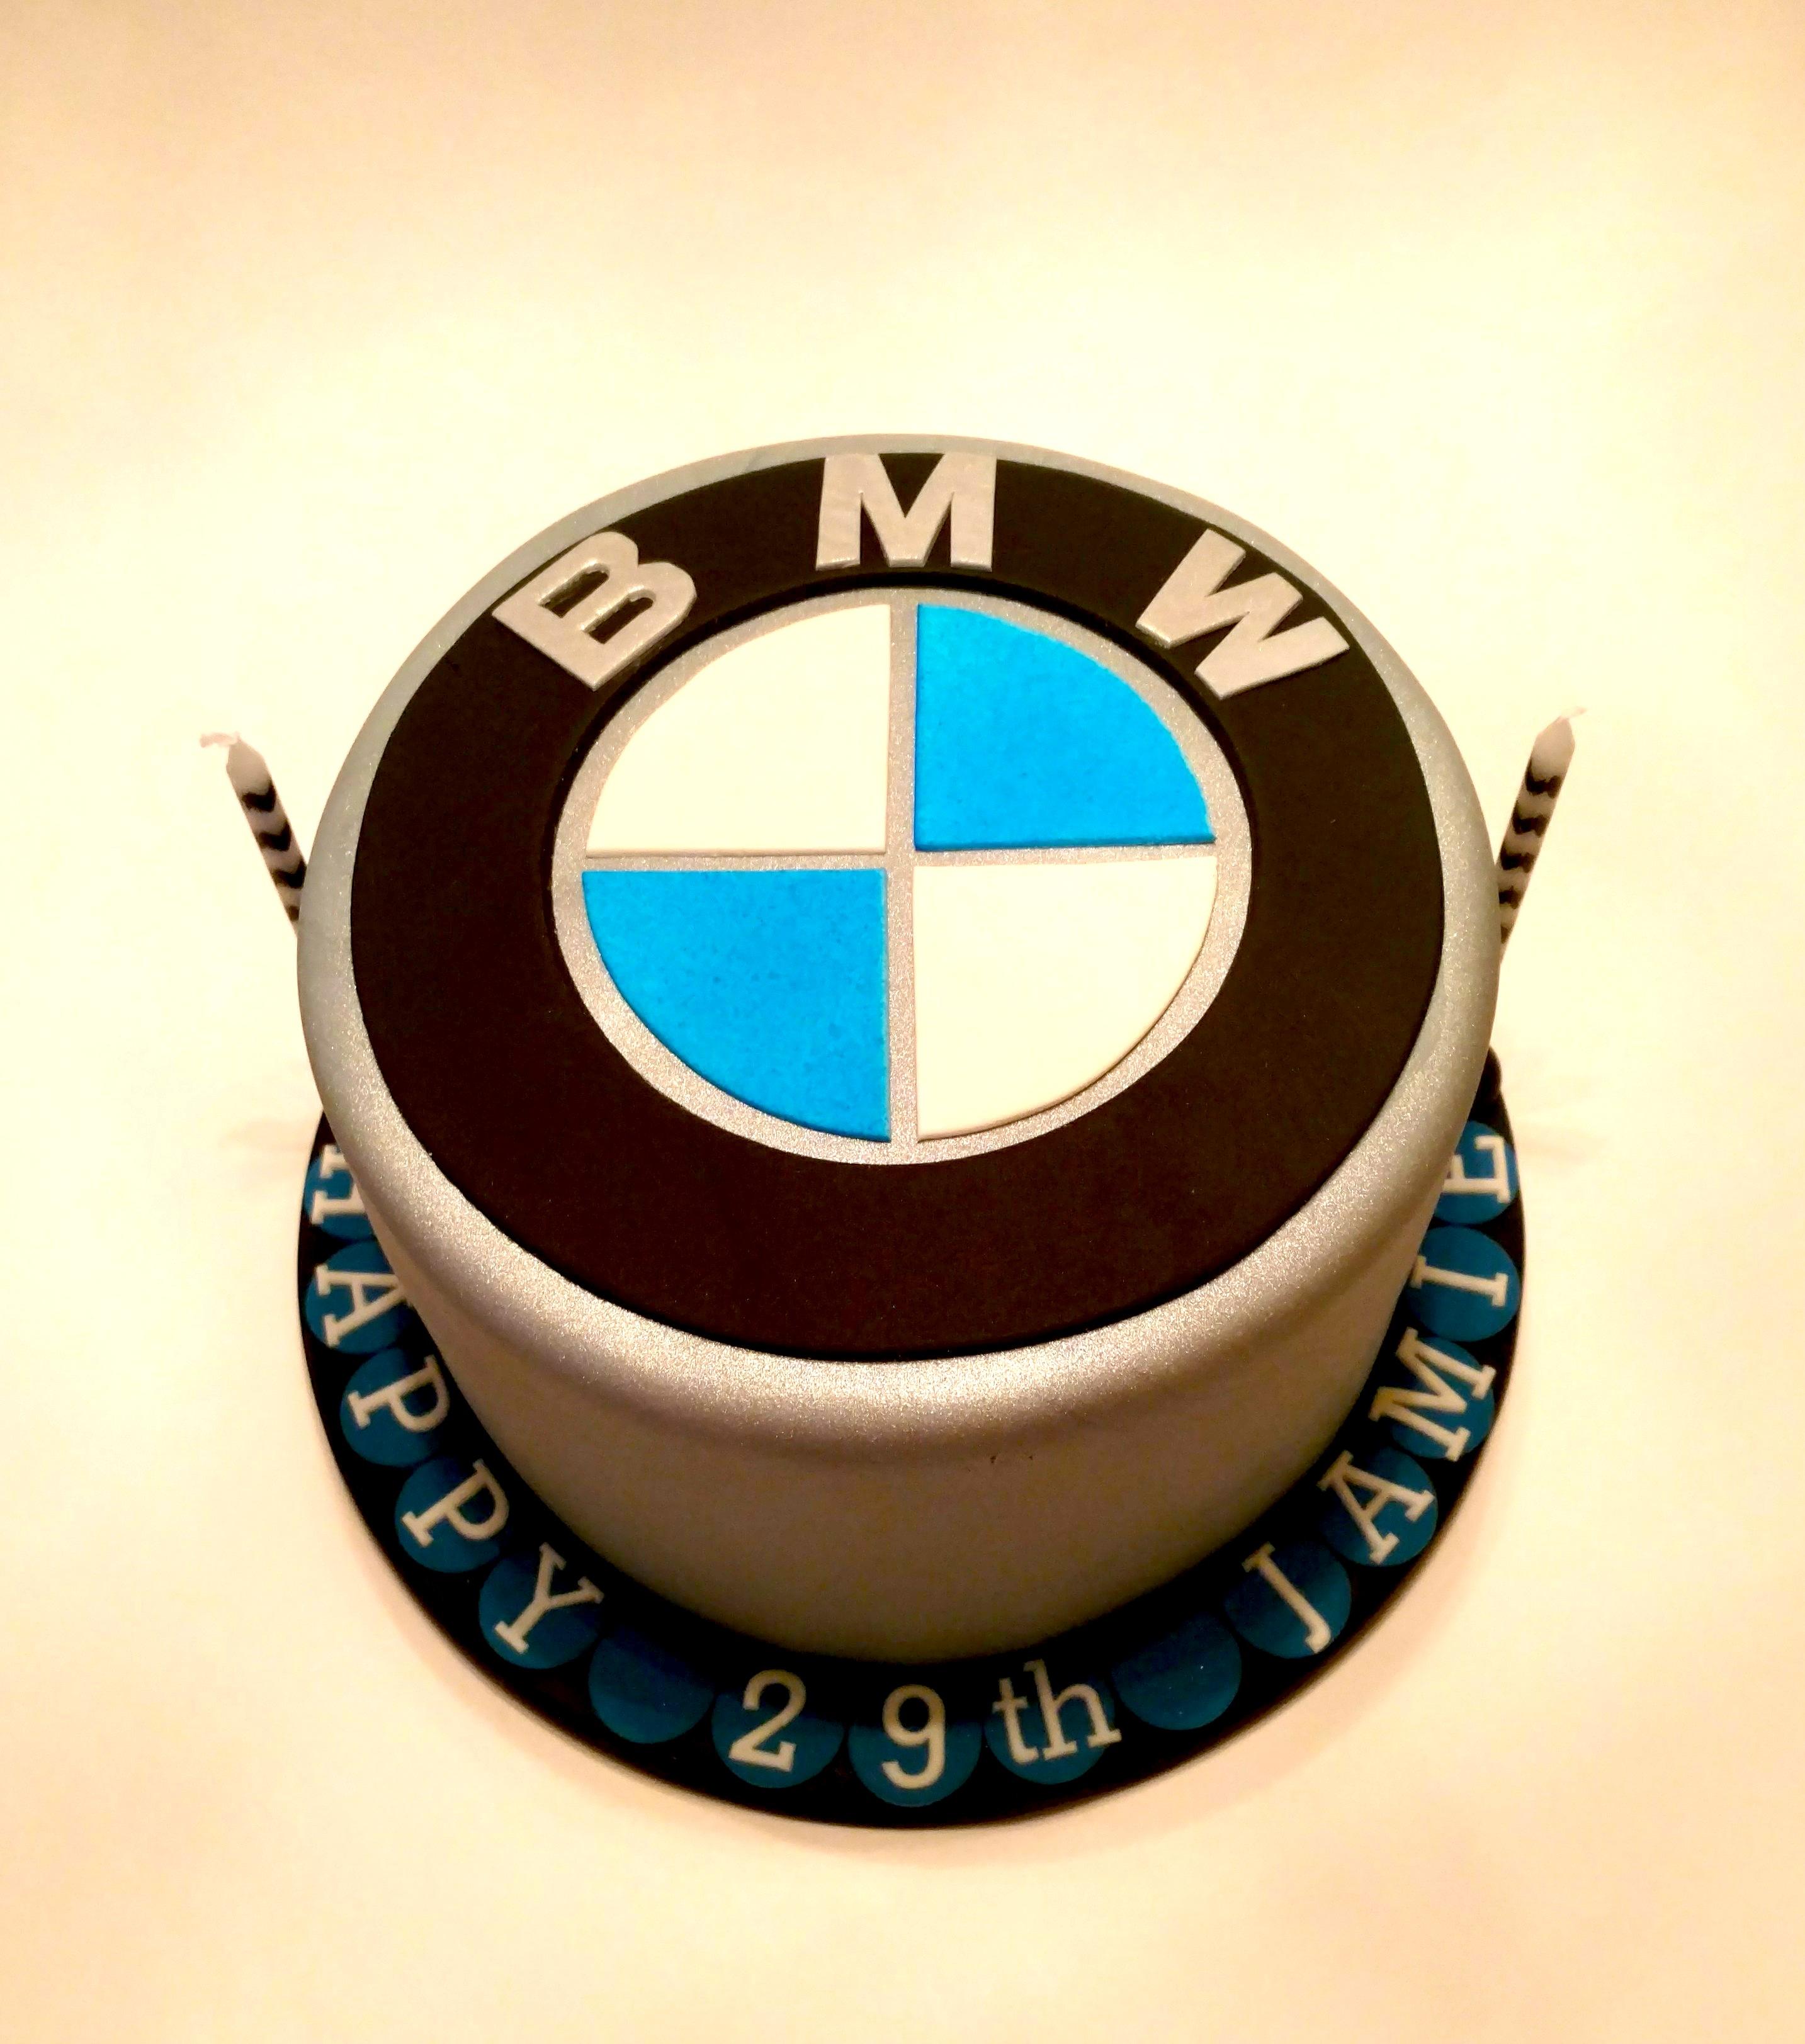 Jamie's BMW Cake